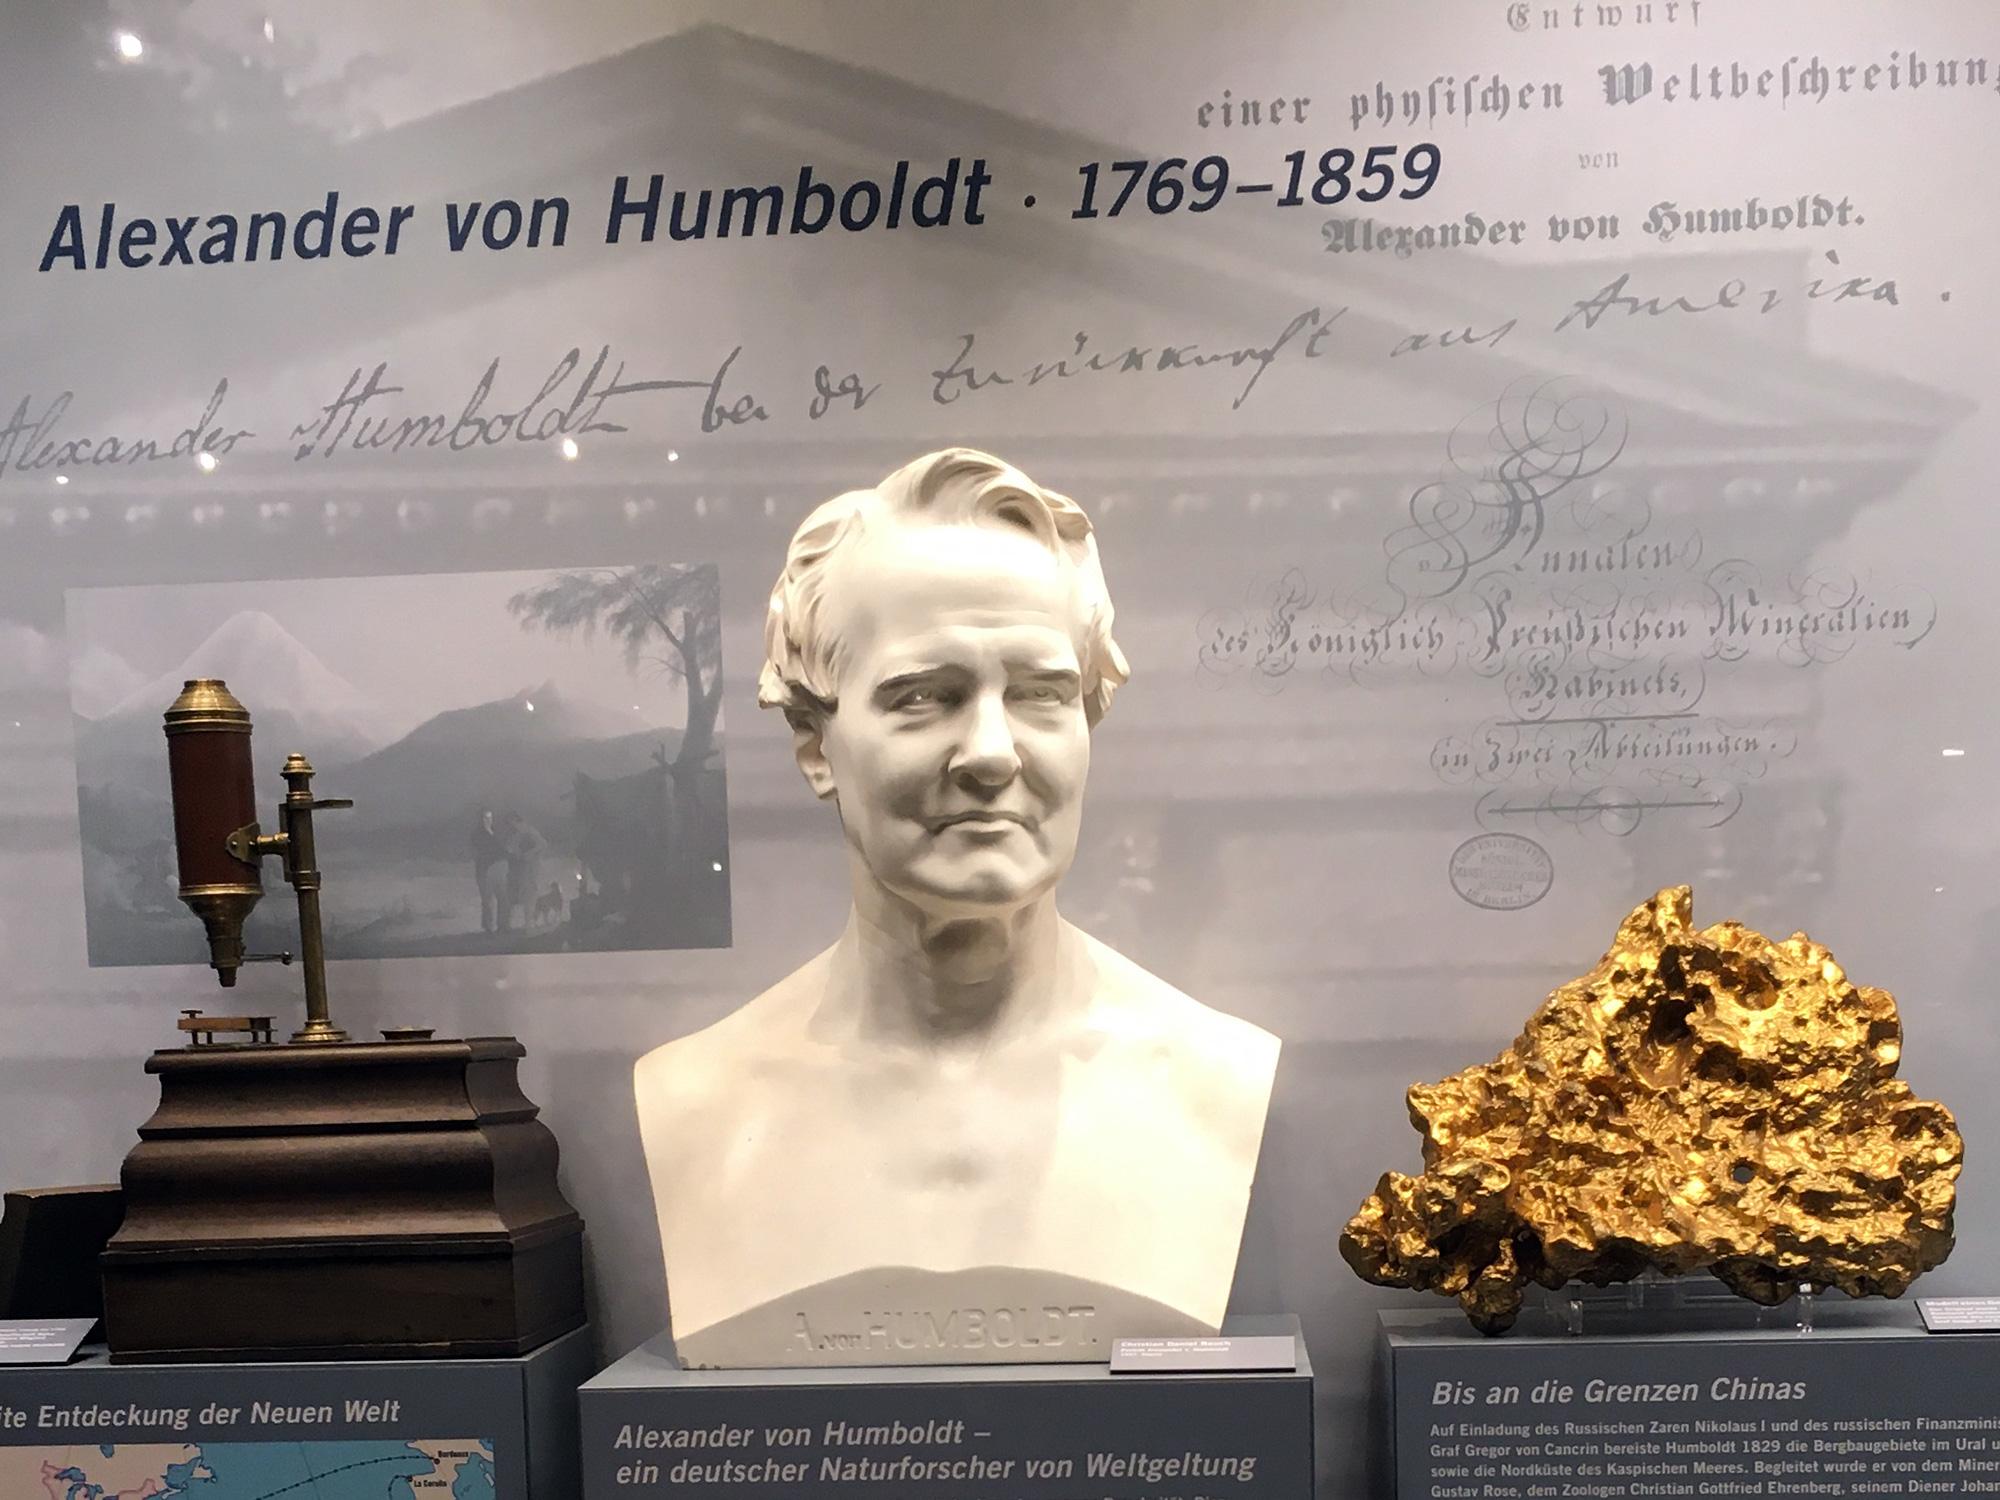 Alexander v. Humboldt, Museum für Naturkunde, Berlin ©K. Schwahlen 2019